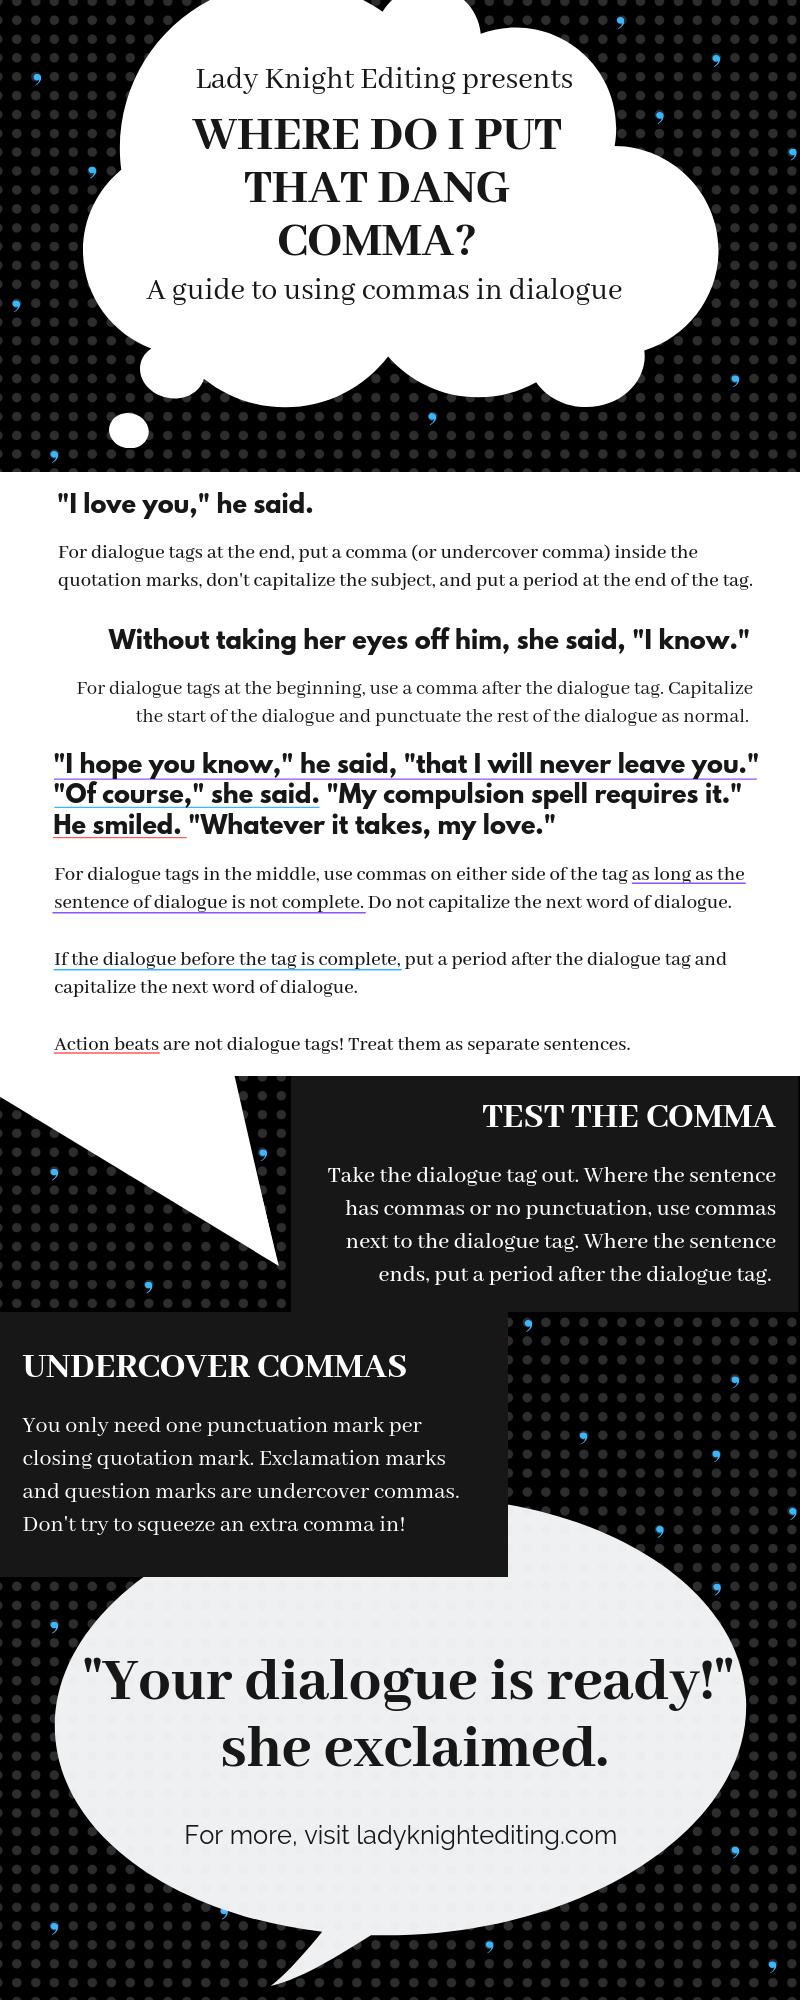 Comma infographic